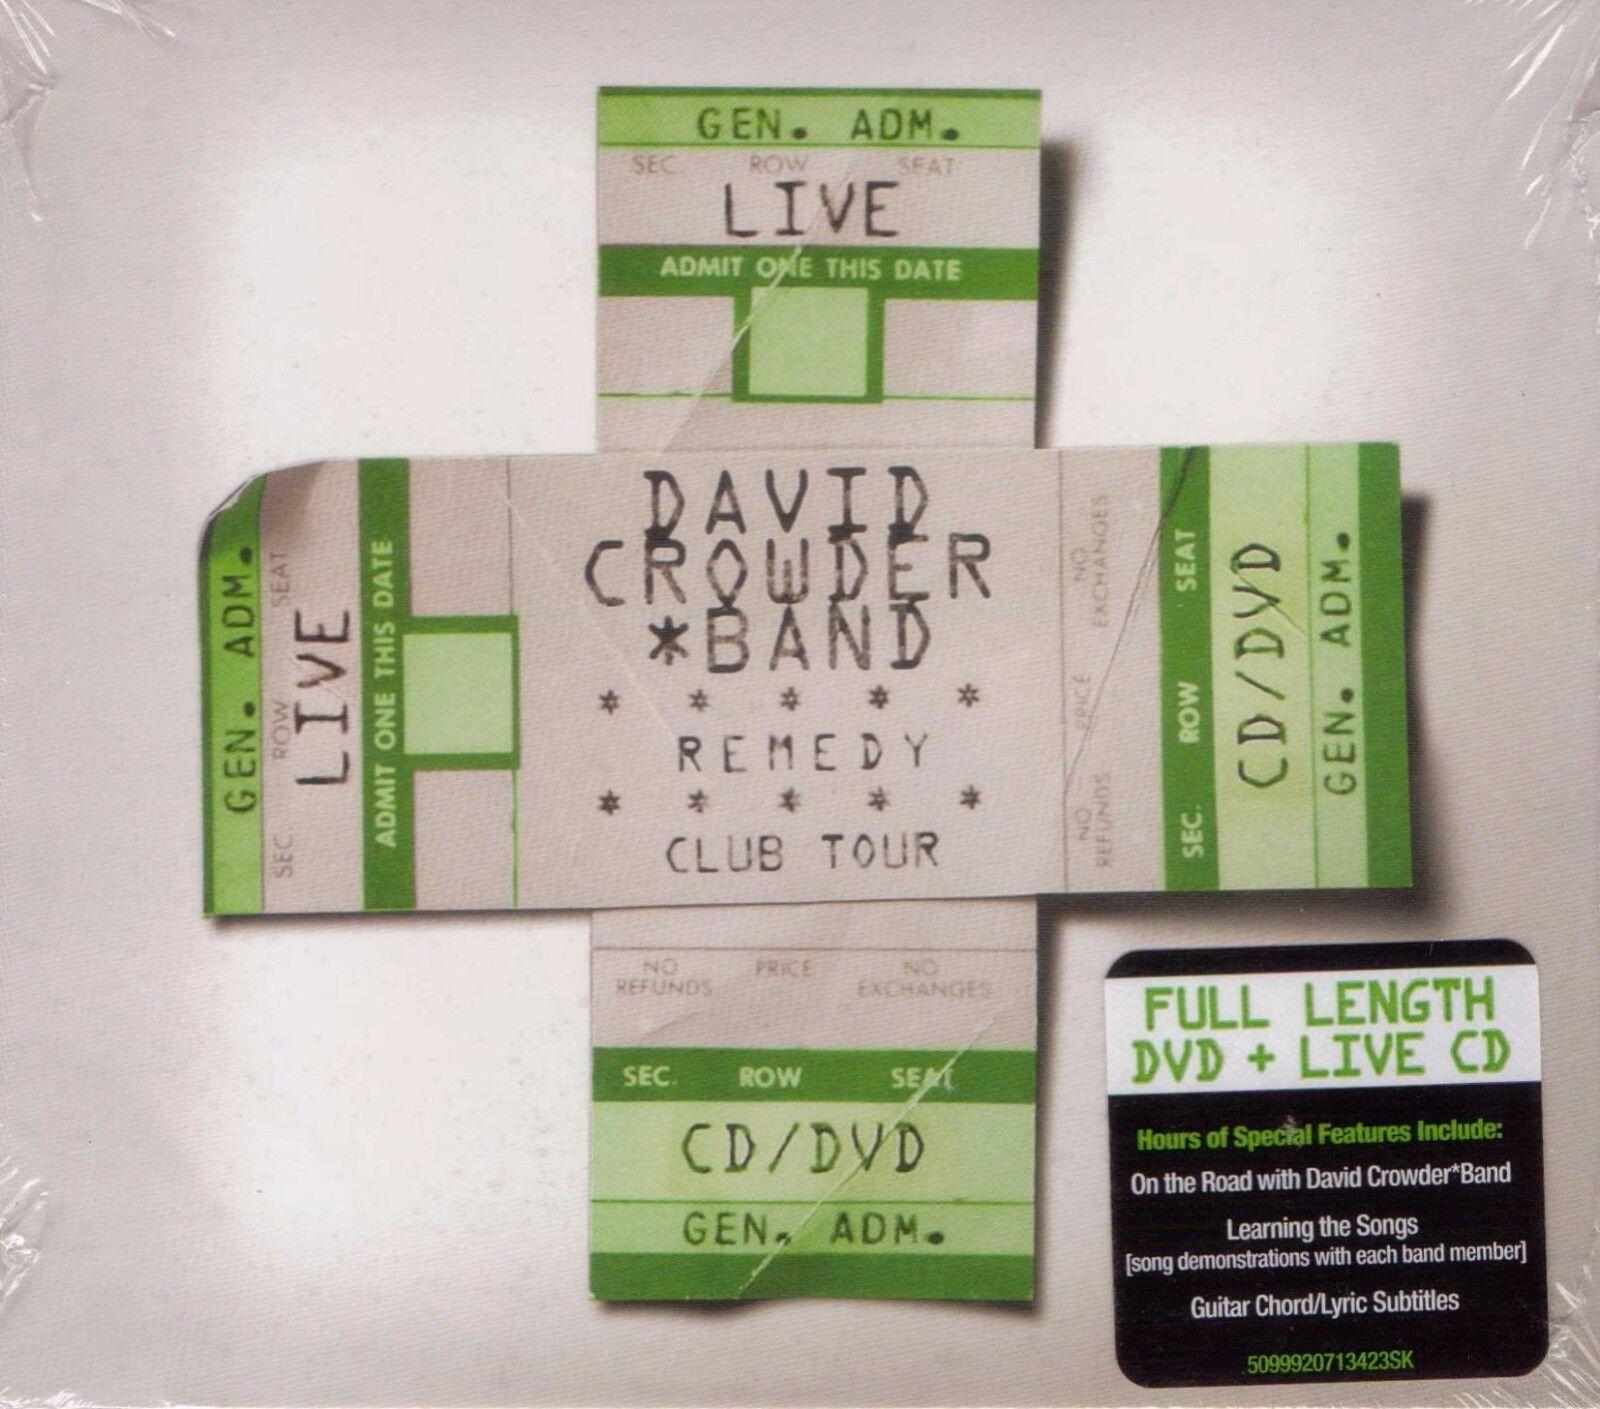 Crowder Band David Remedy Club Tour Edi Cd Ebay